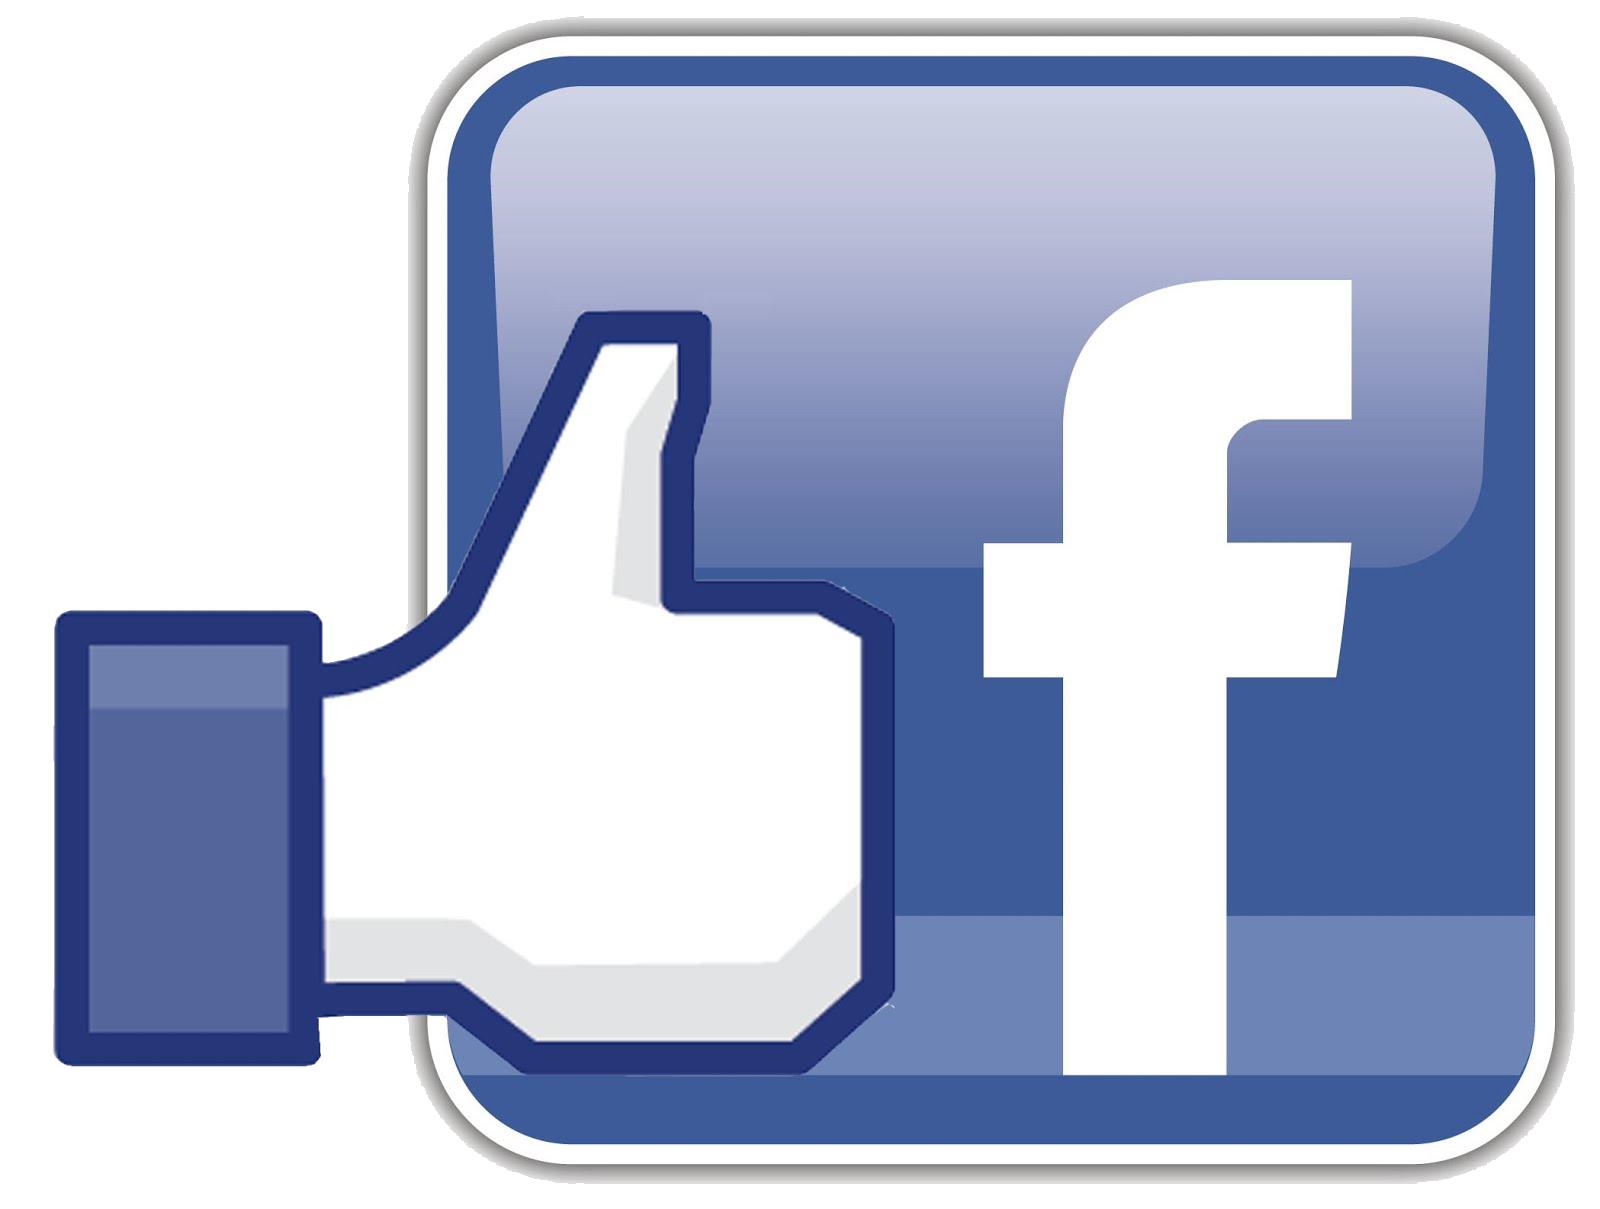 Facebook images png. Logos free download logo